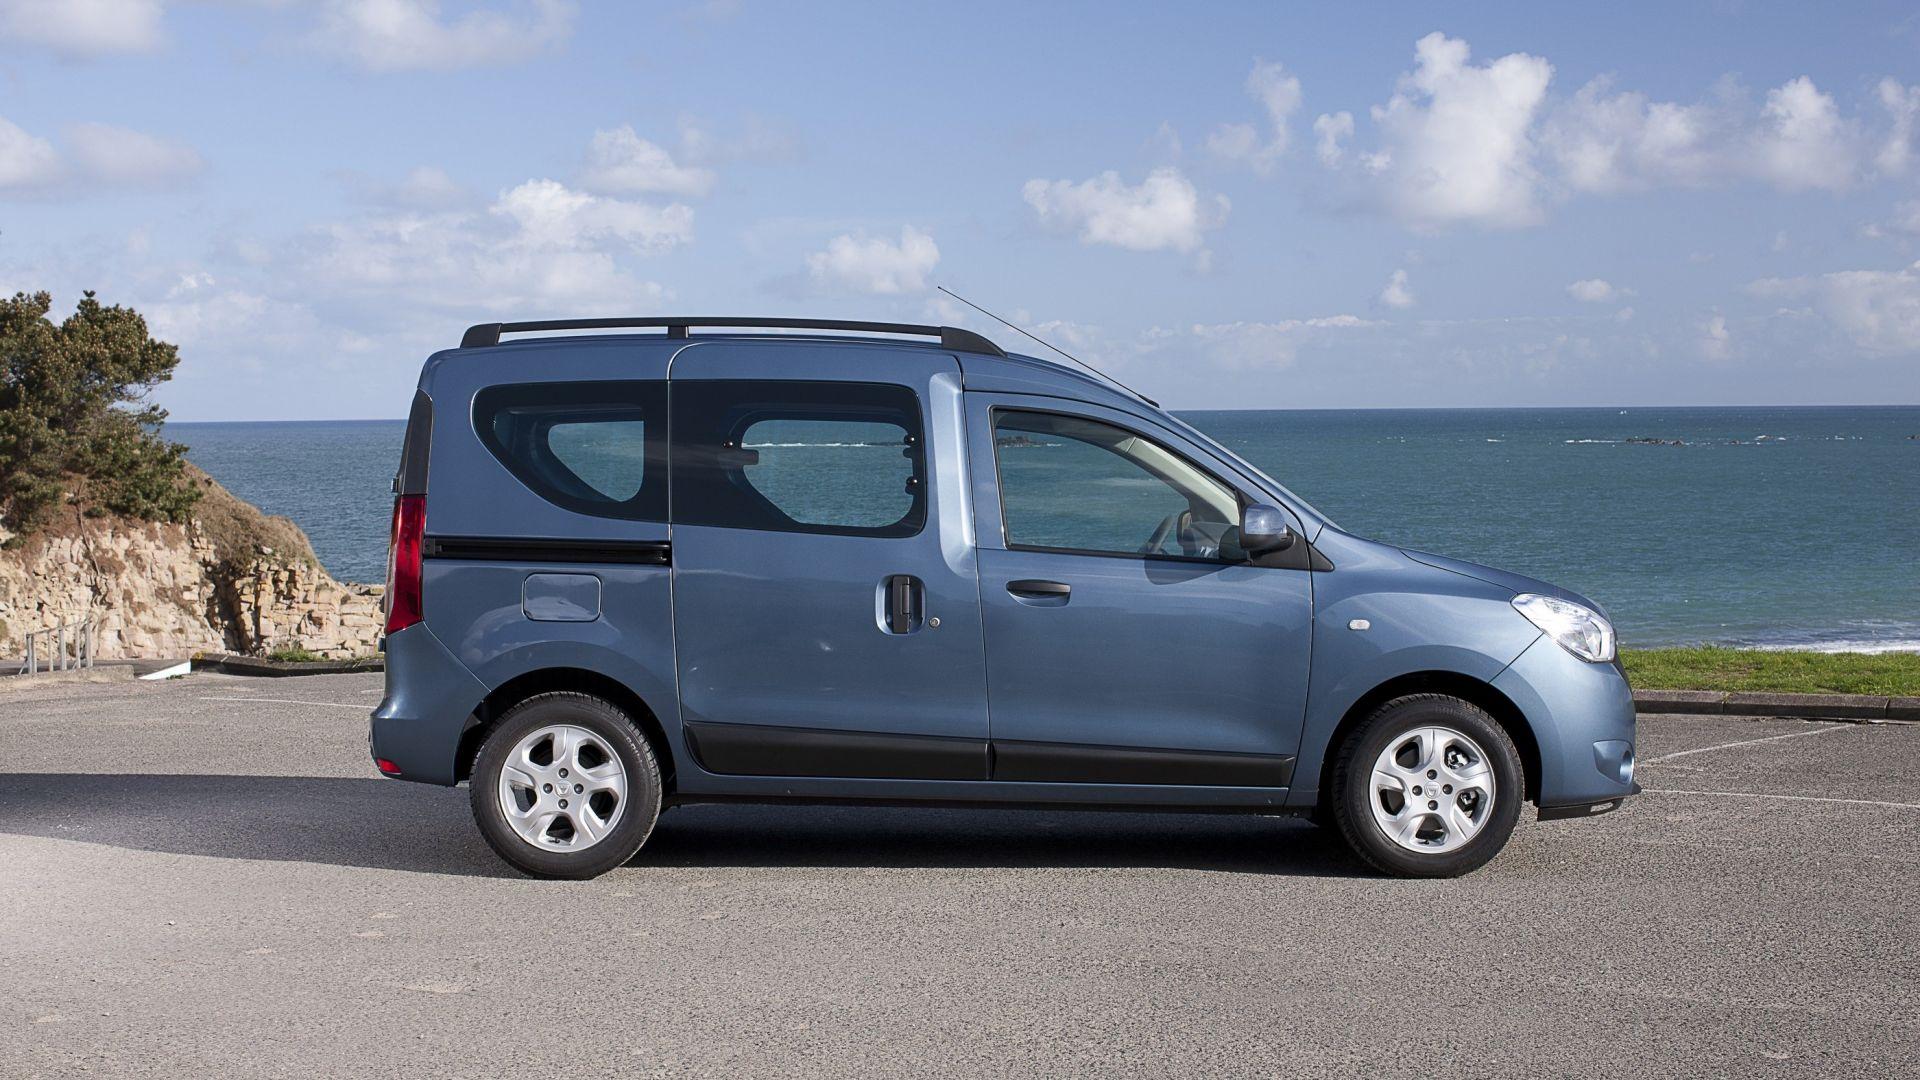 Anteprima dacia dokker nuove immagini e video motorbox for Dacia immagini